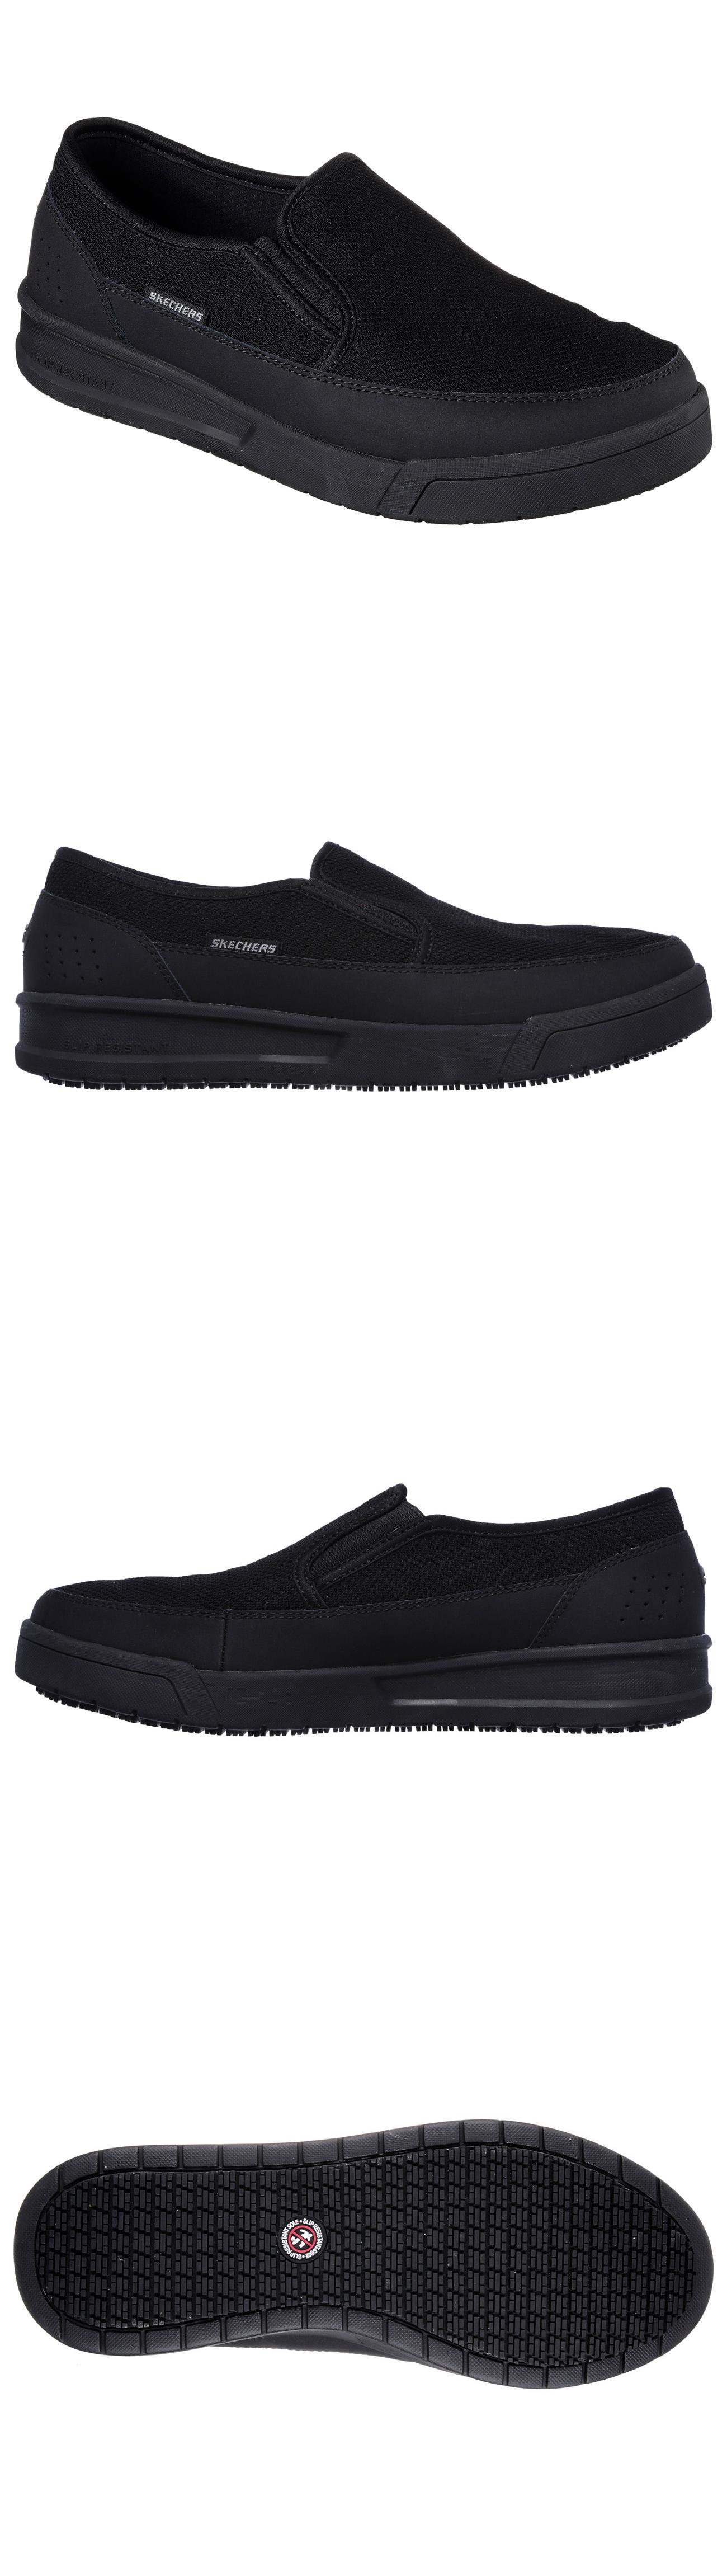 picture shoes comfortable foam p memory resistant work women of casual comforter slip skechers s comfort black